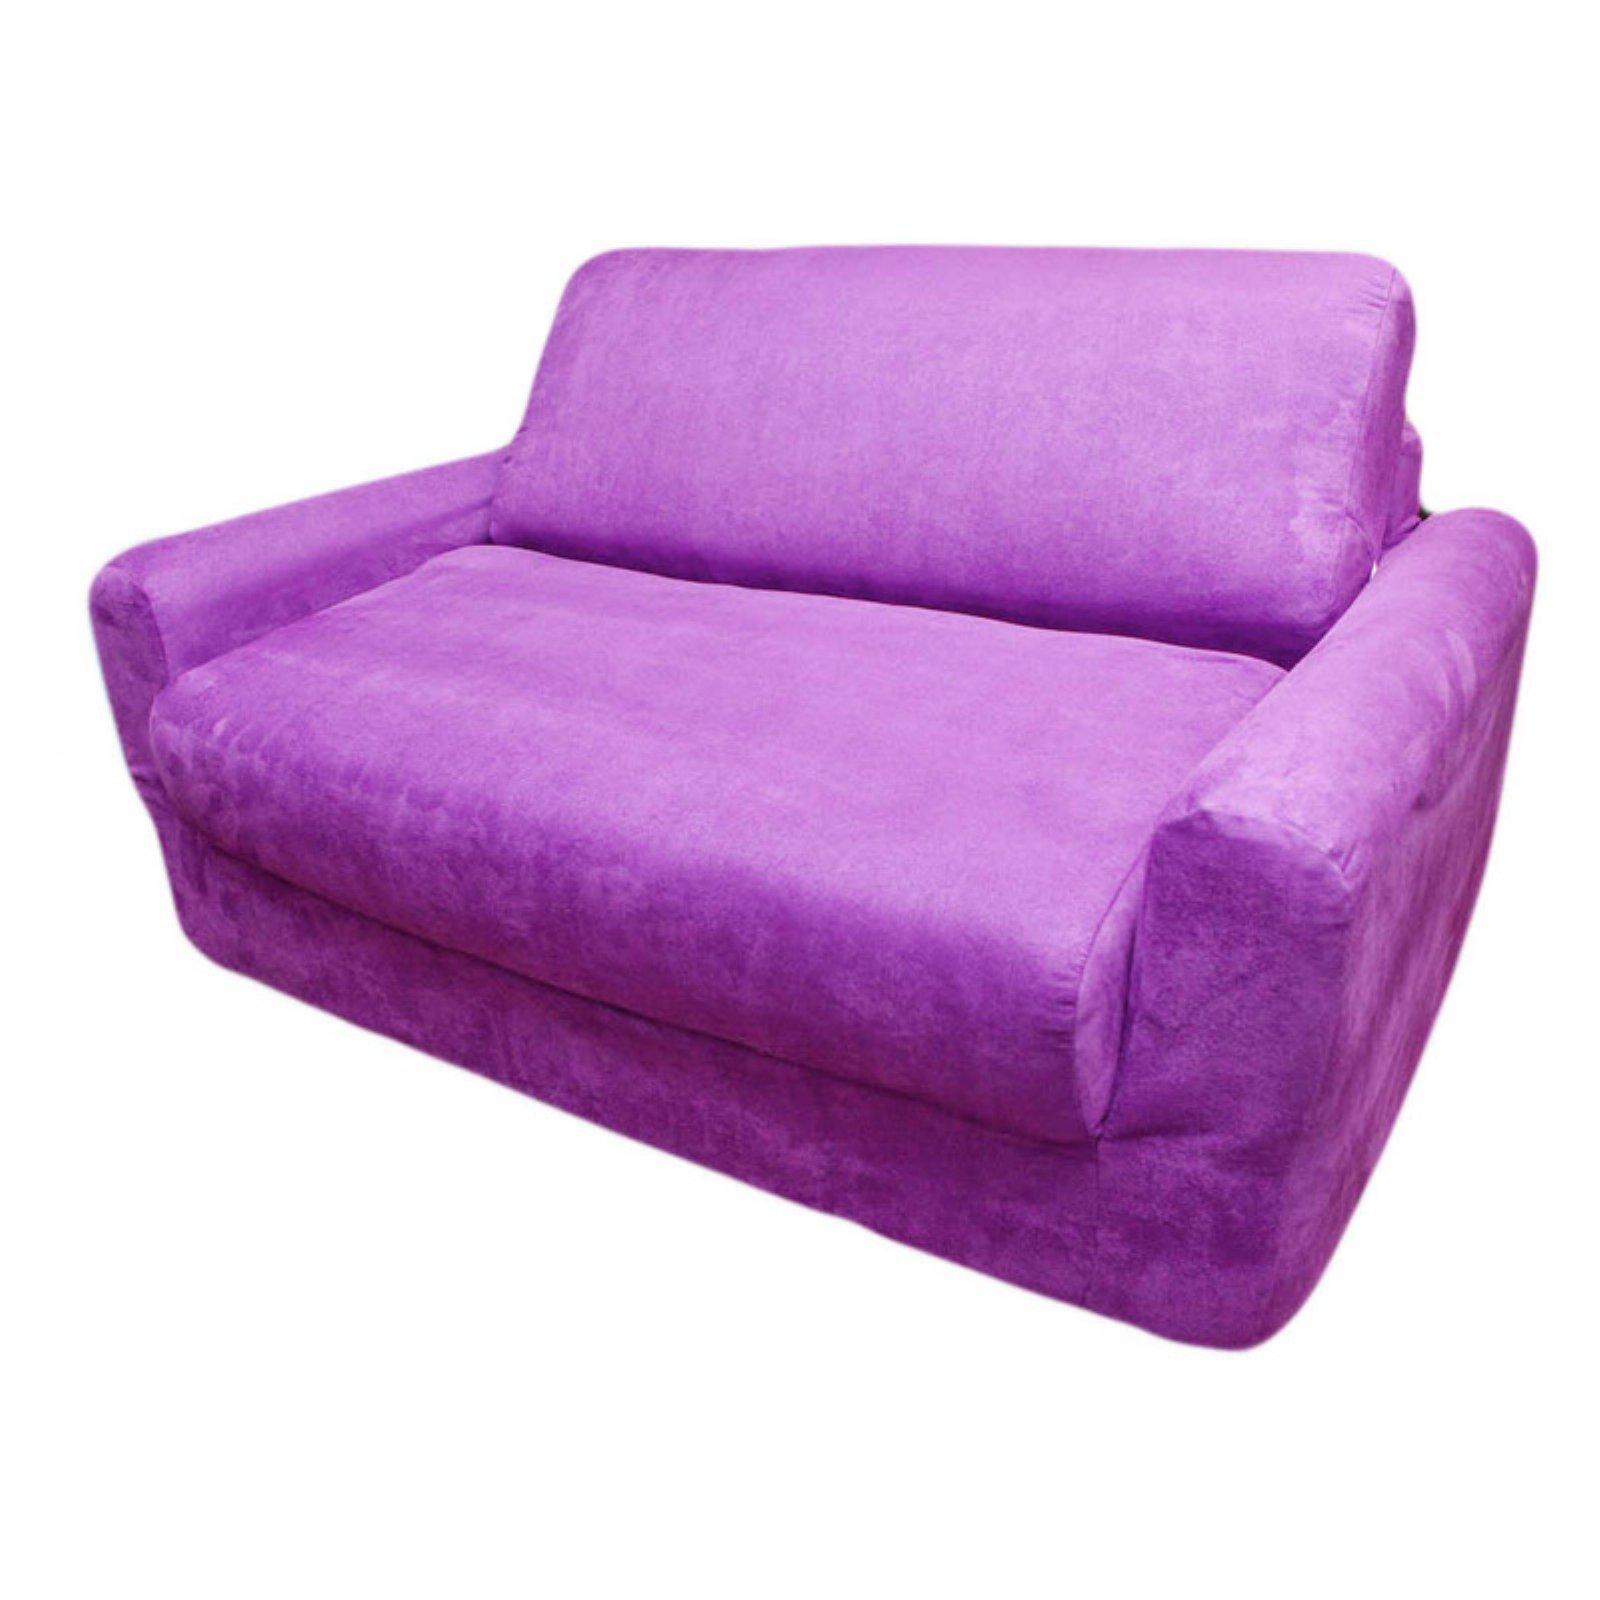 Fun Furnishings Purple Sofa Sleeper